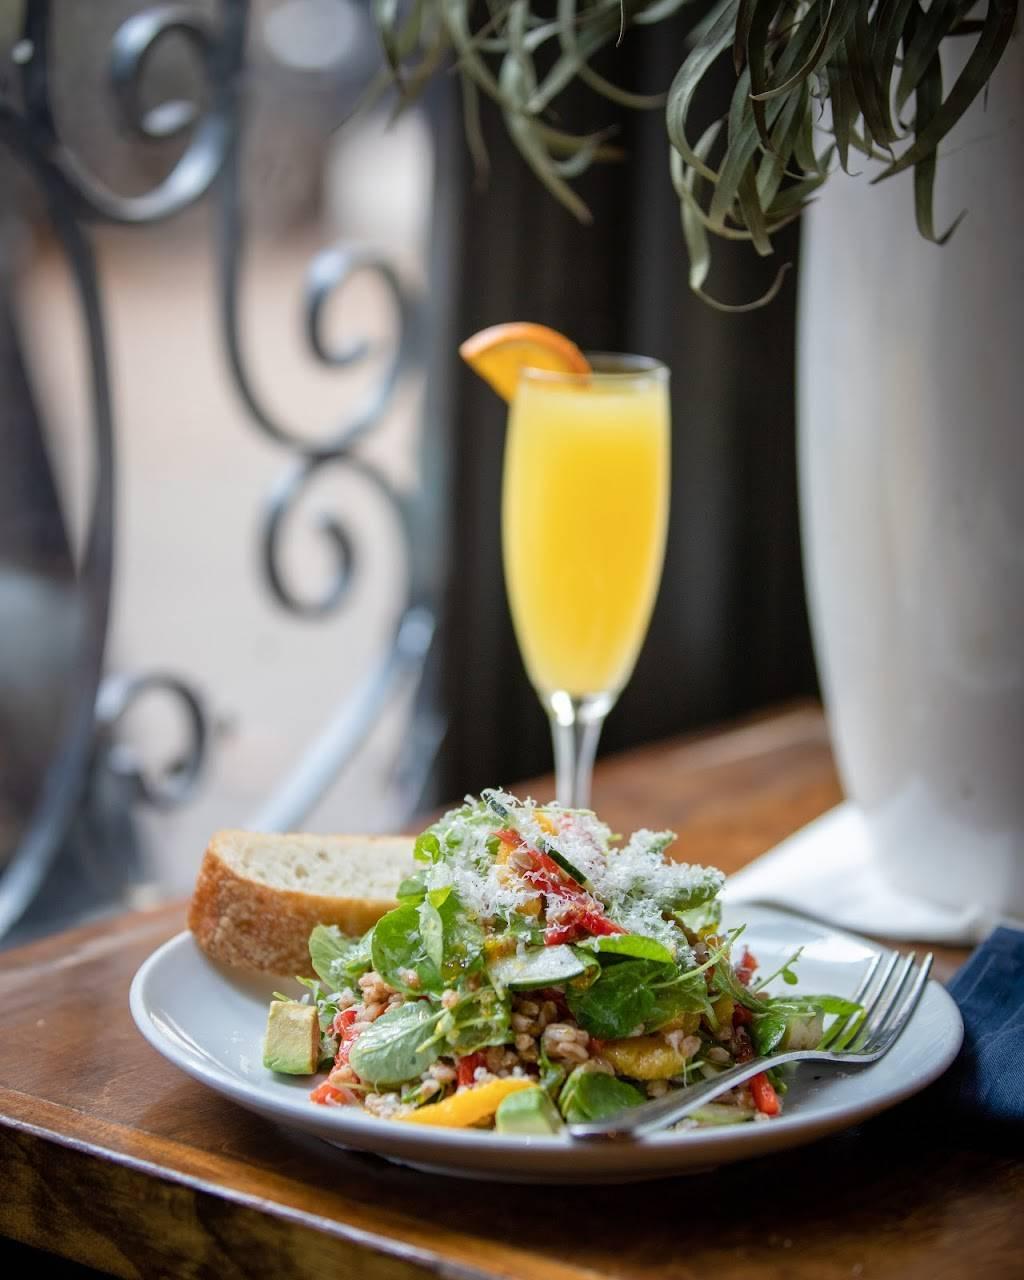 Nocciola Ristorante   restaurant   237 E 116th St, New York, NY 10029, USA   6465595304 OR +1 646-559-5304